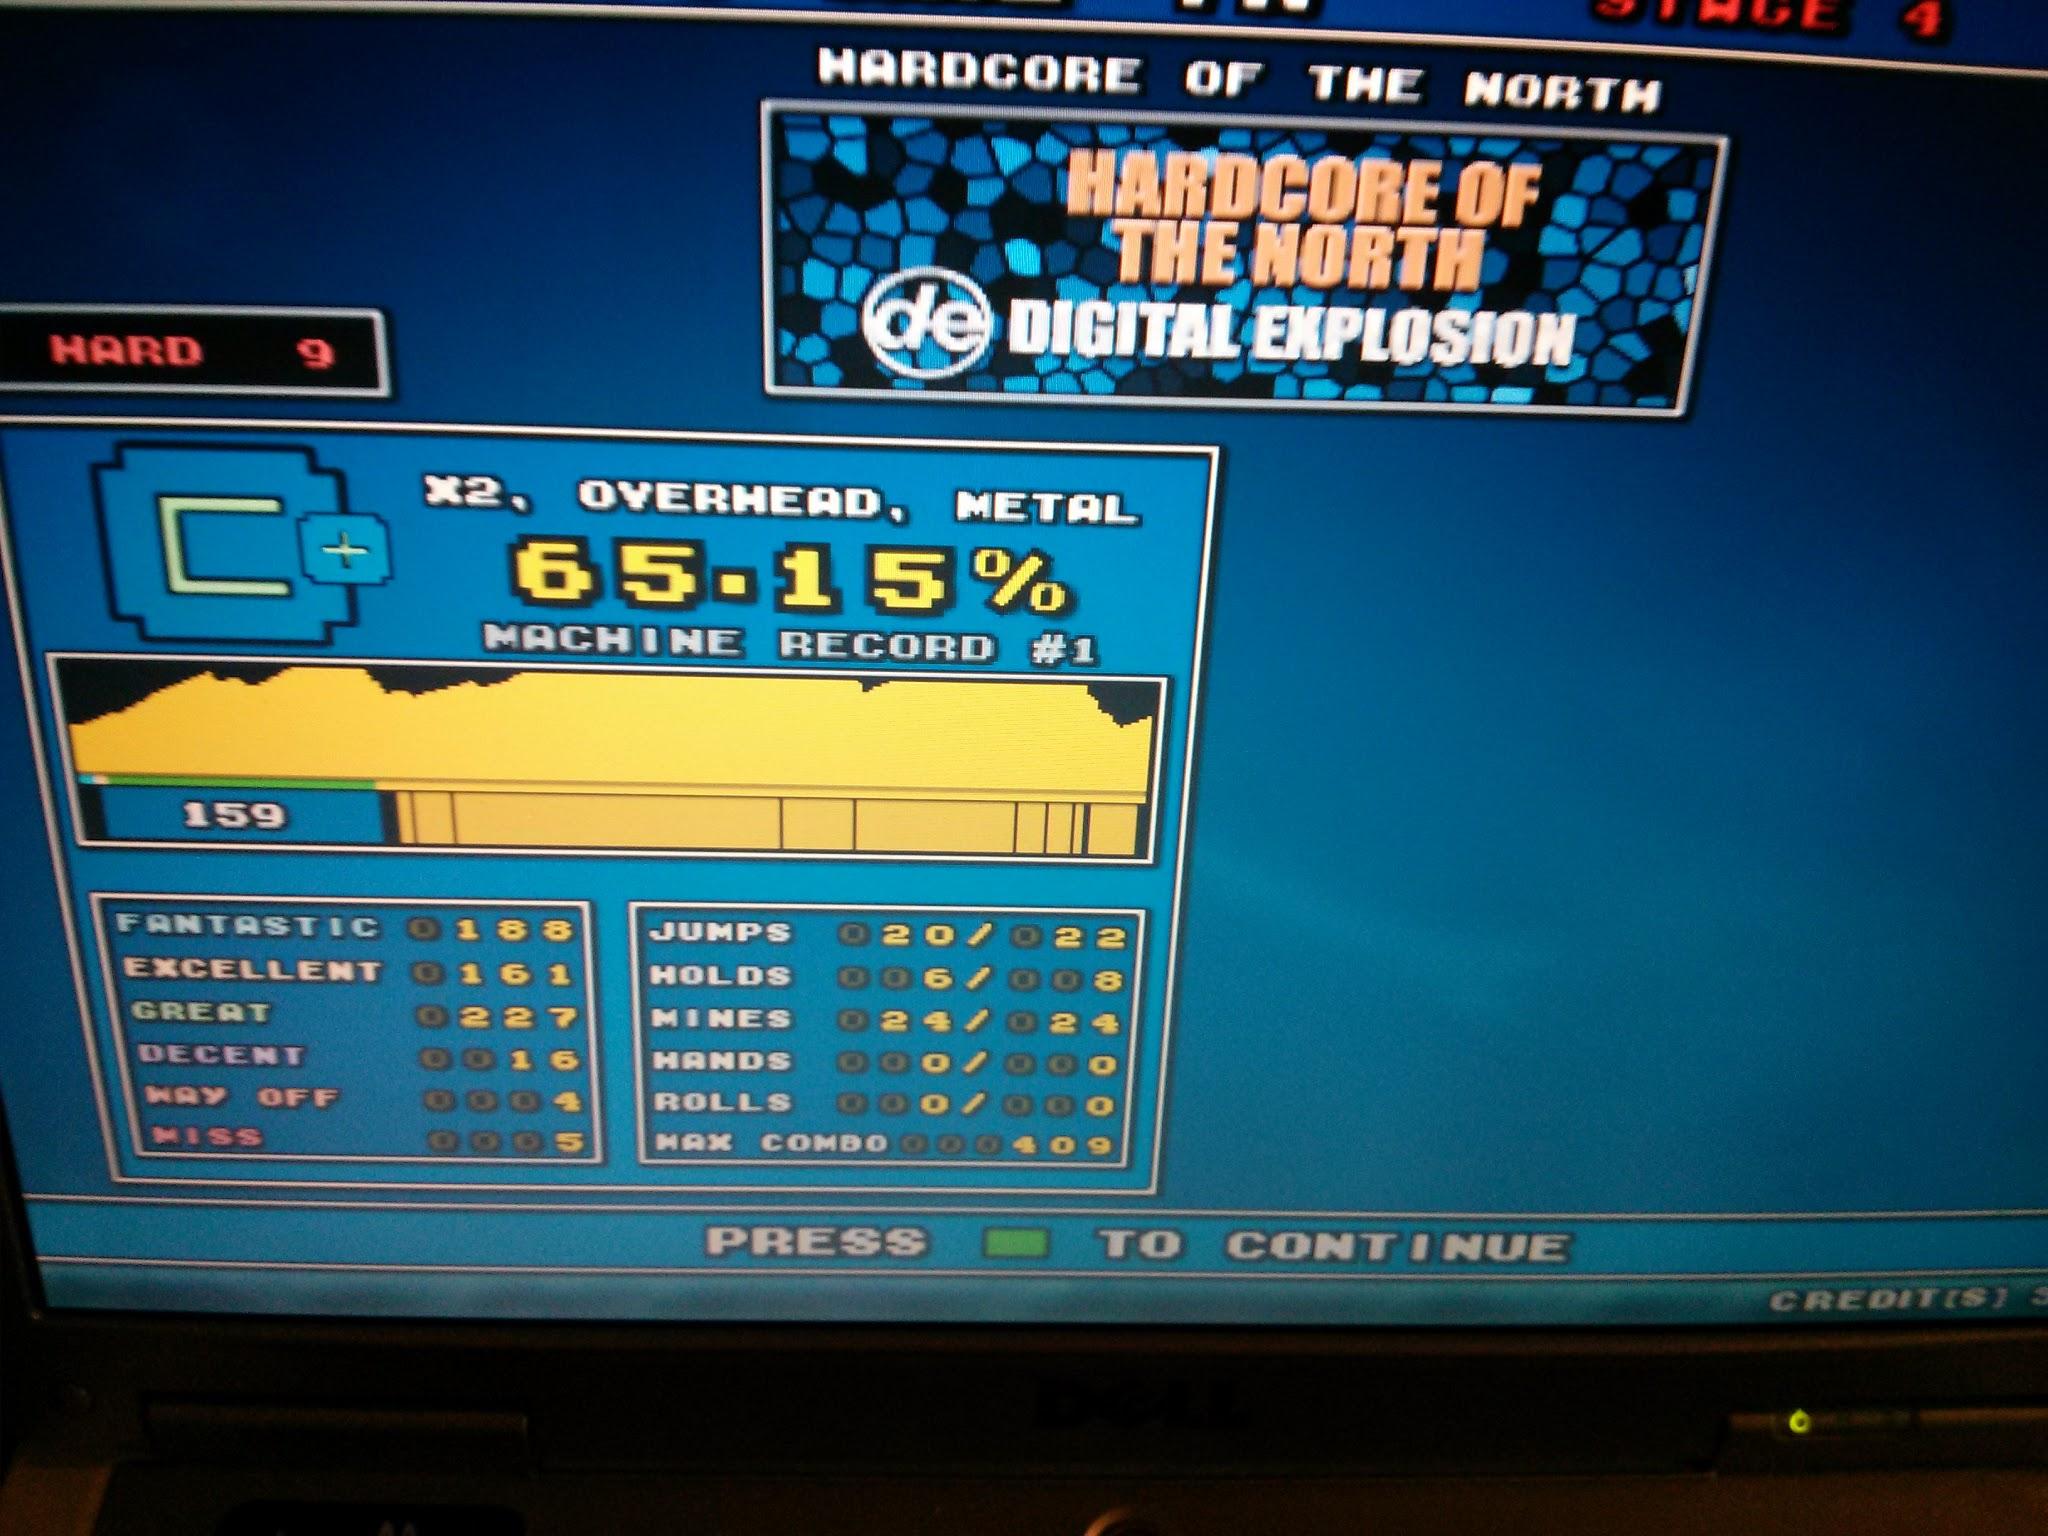 DDR Scores 12-12-12 11